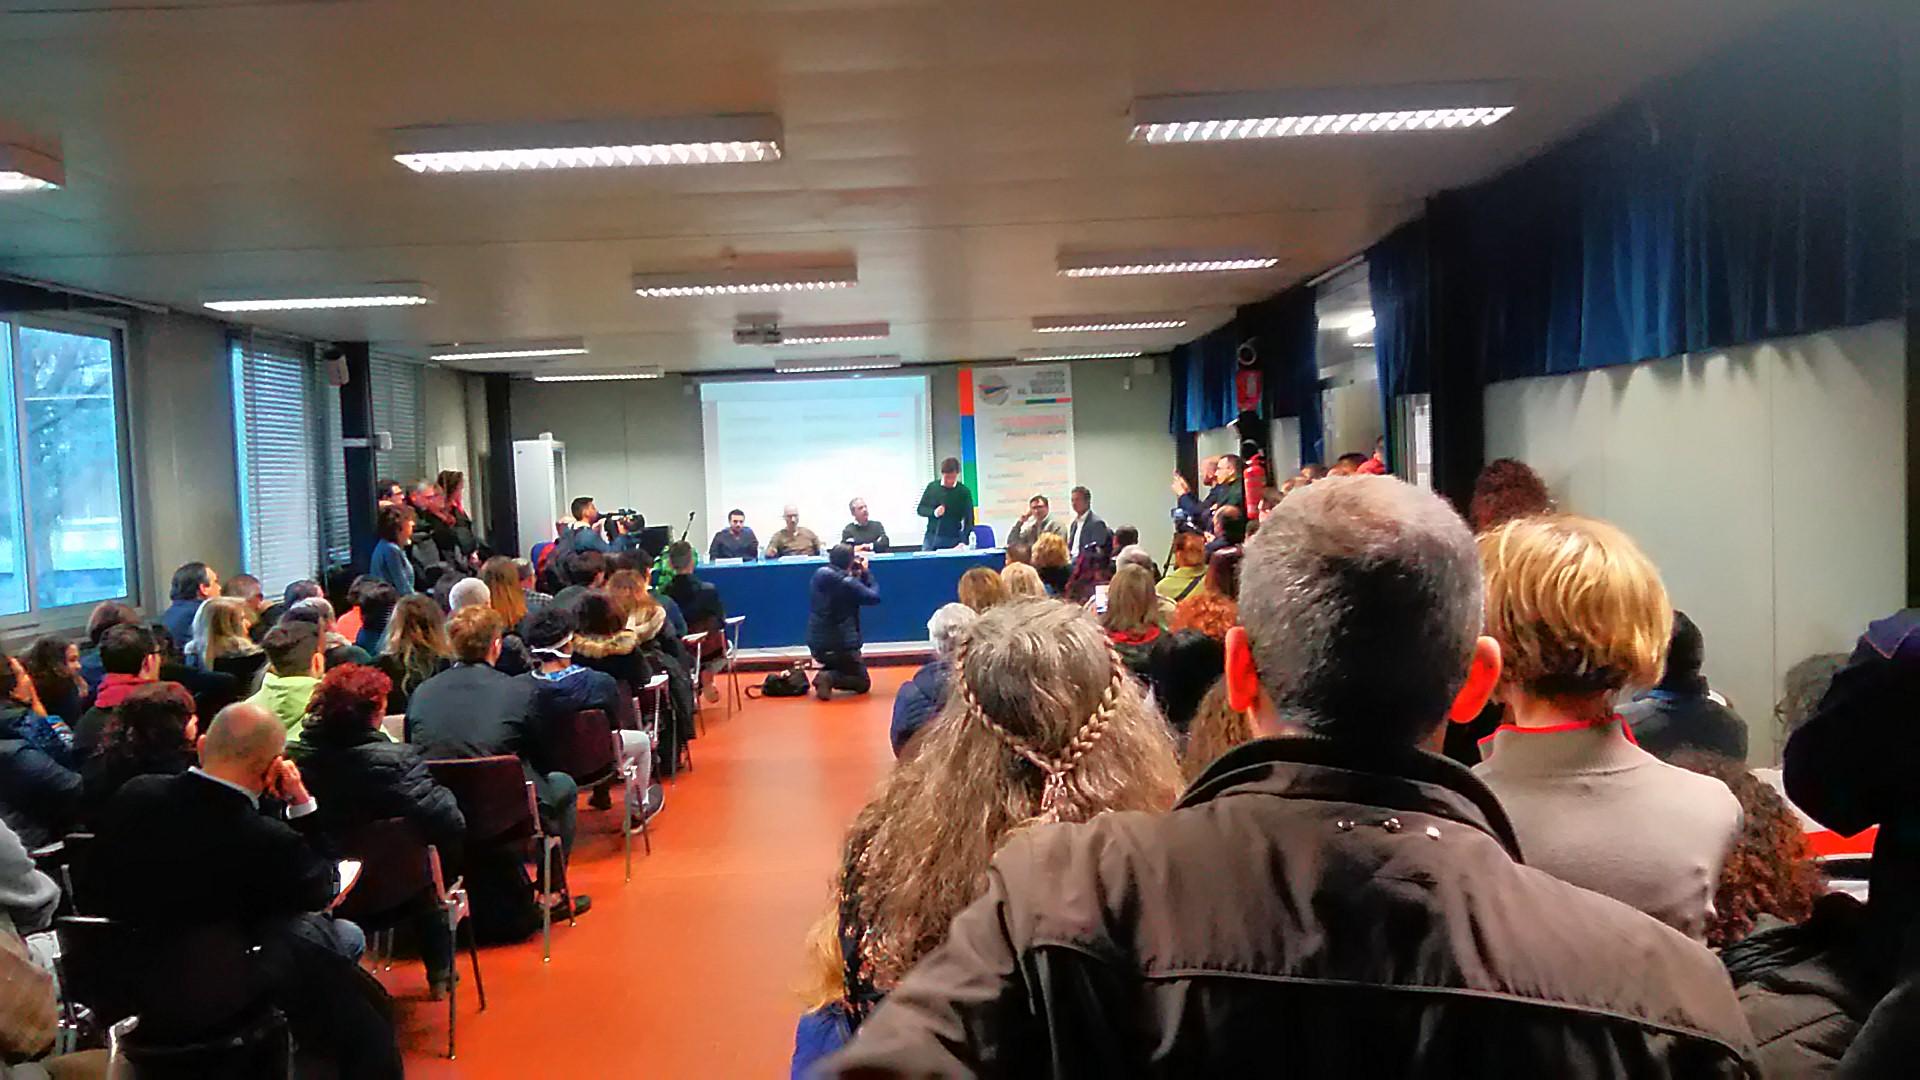 assemblea itis mecucci galilei crollo nardella annuncio nuova scuola (1)